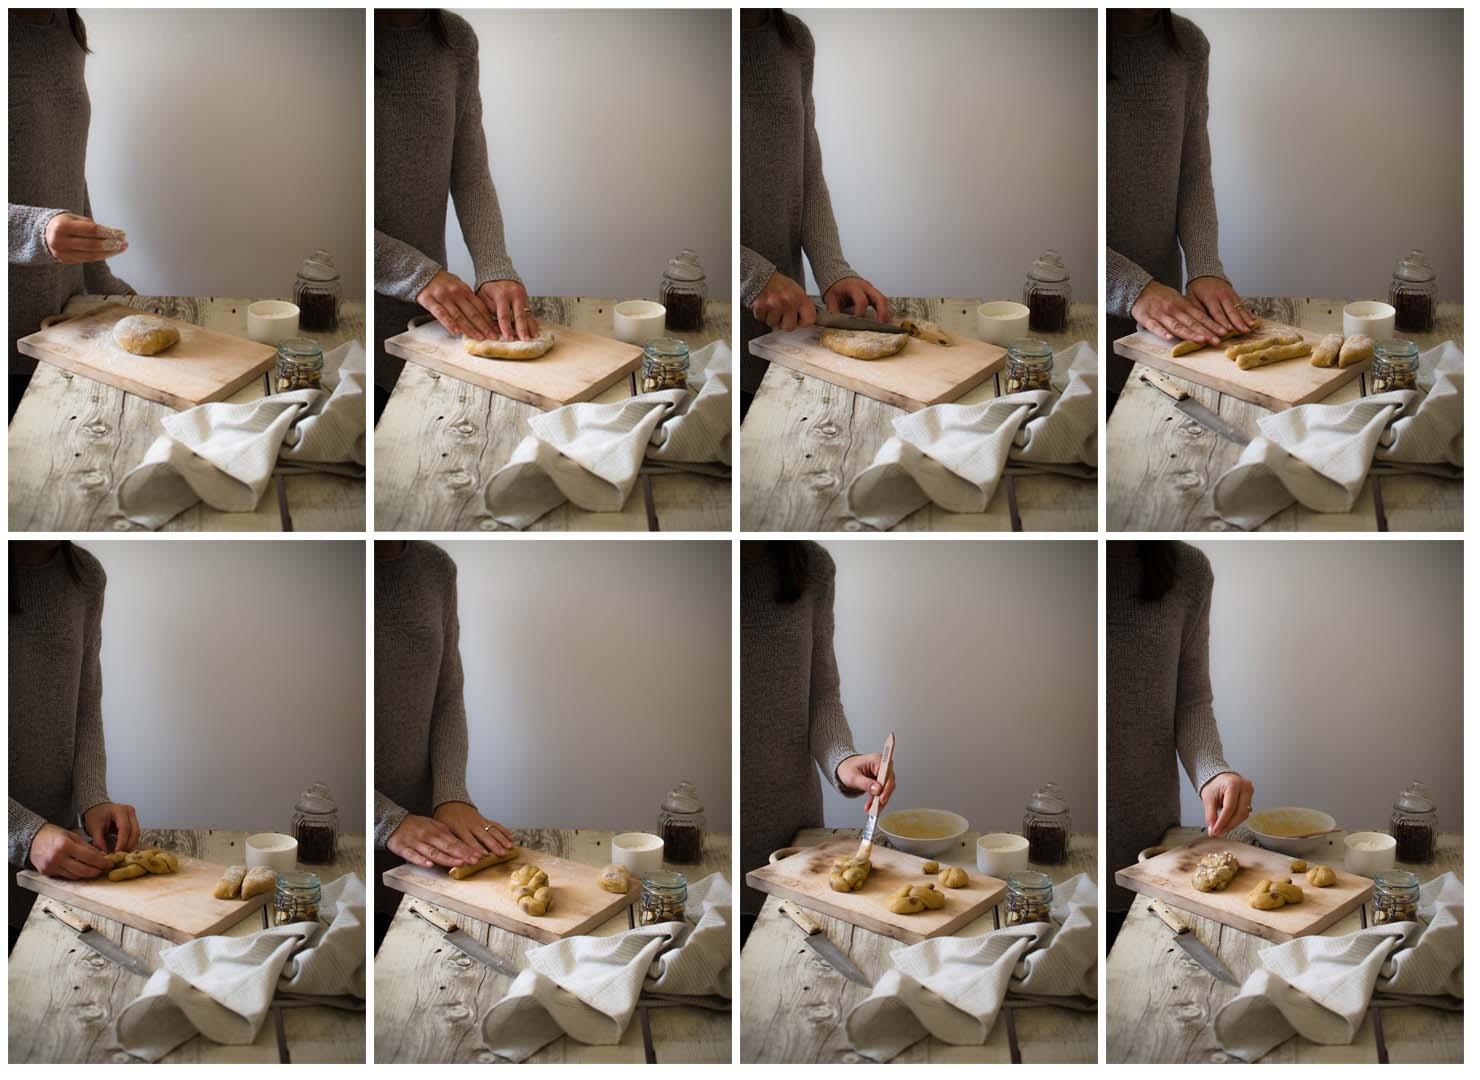 brioche_amaretto_molinoquaglia_s Brioche intrecciate con amaretti, mandorle ed uvetta